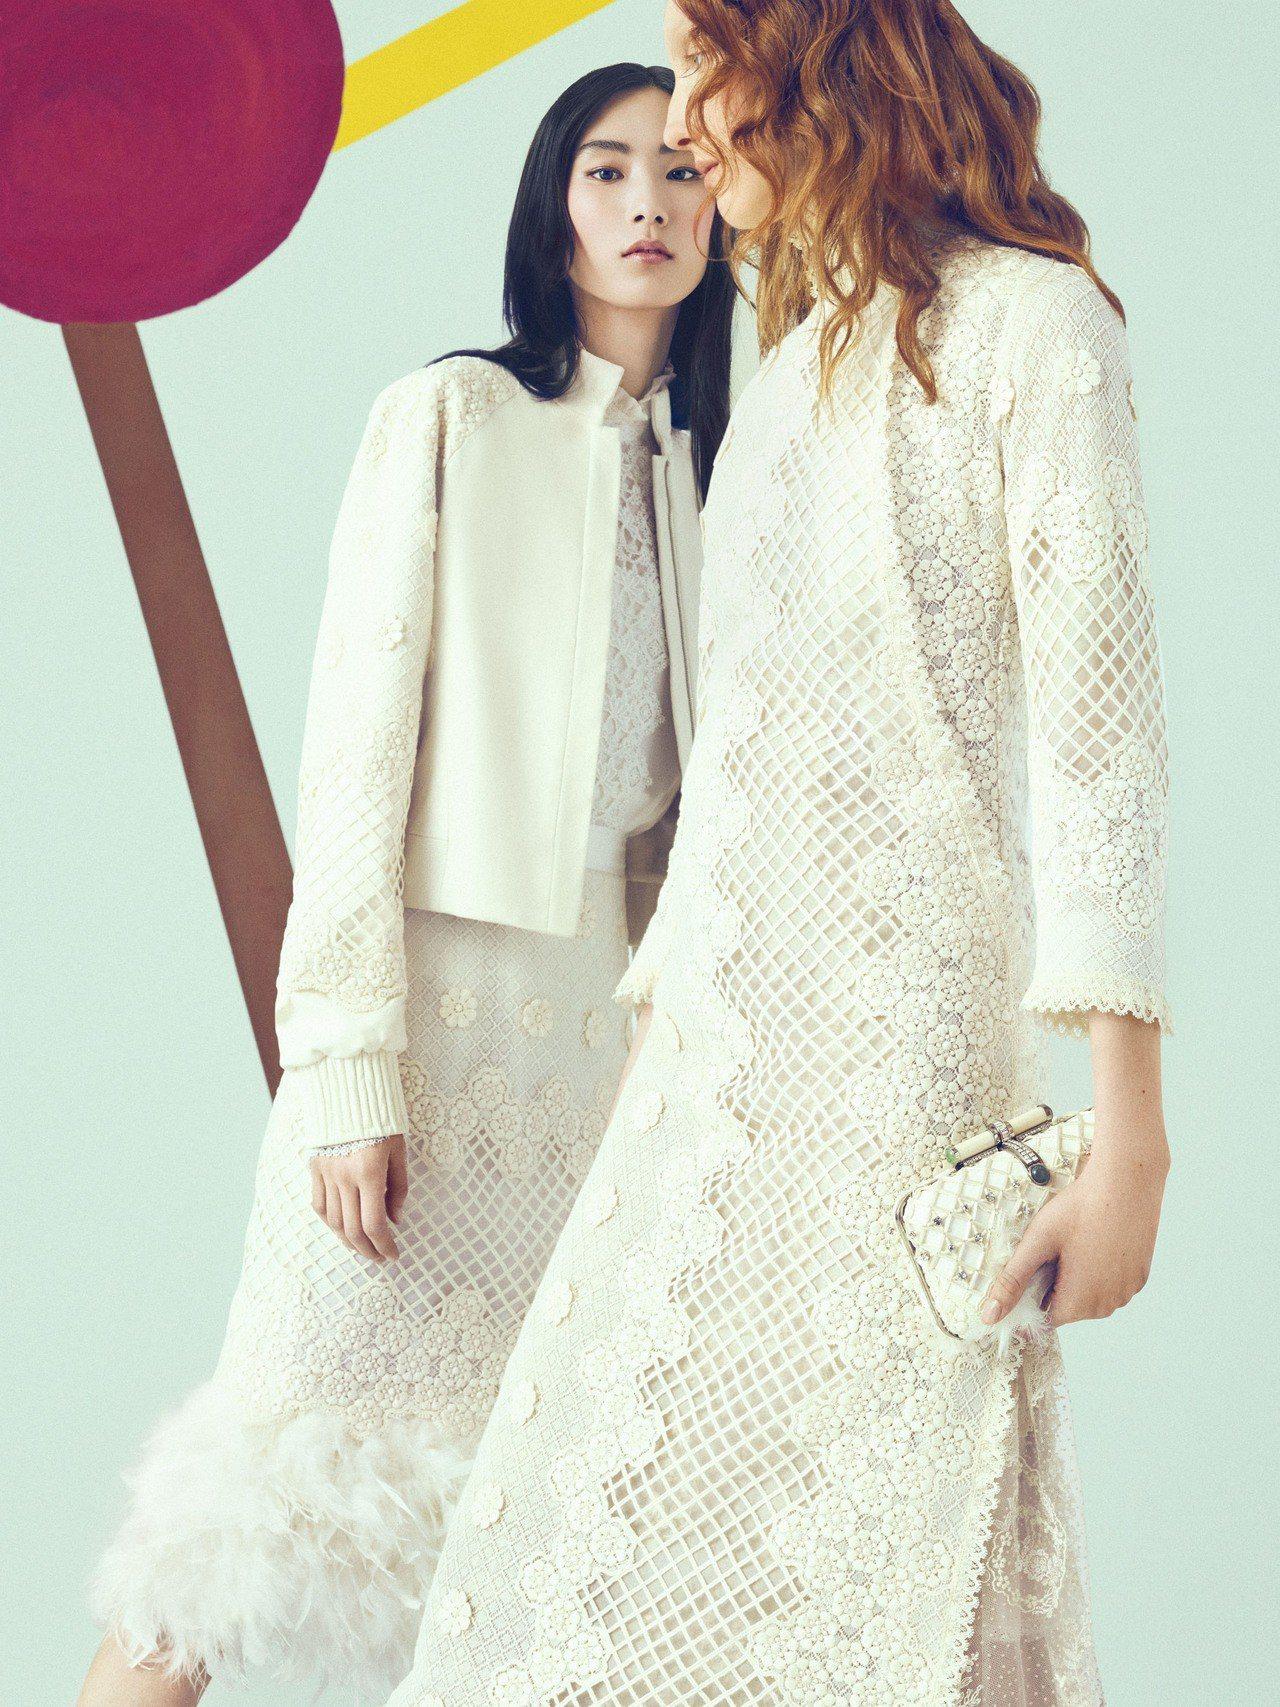 夏姿2018秋冬將品牌擅長的刺繡發揮極致,異材質拼接更多樣。圖/夏姿提供